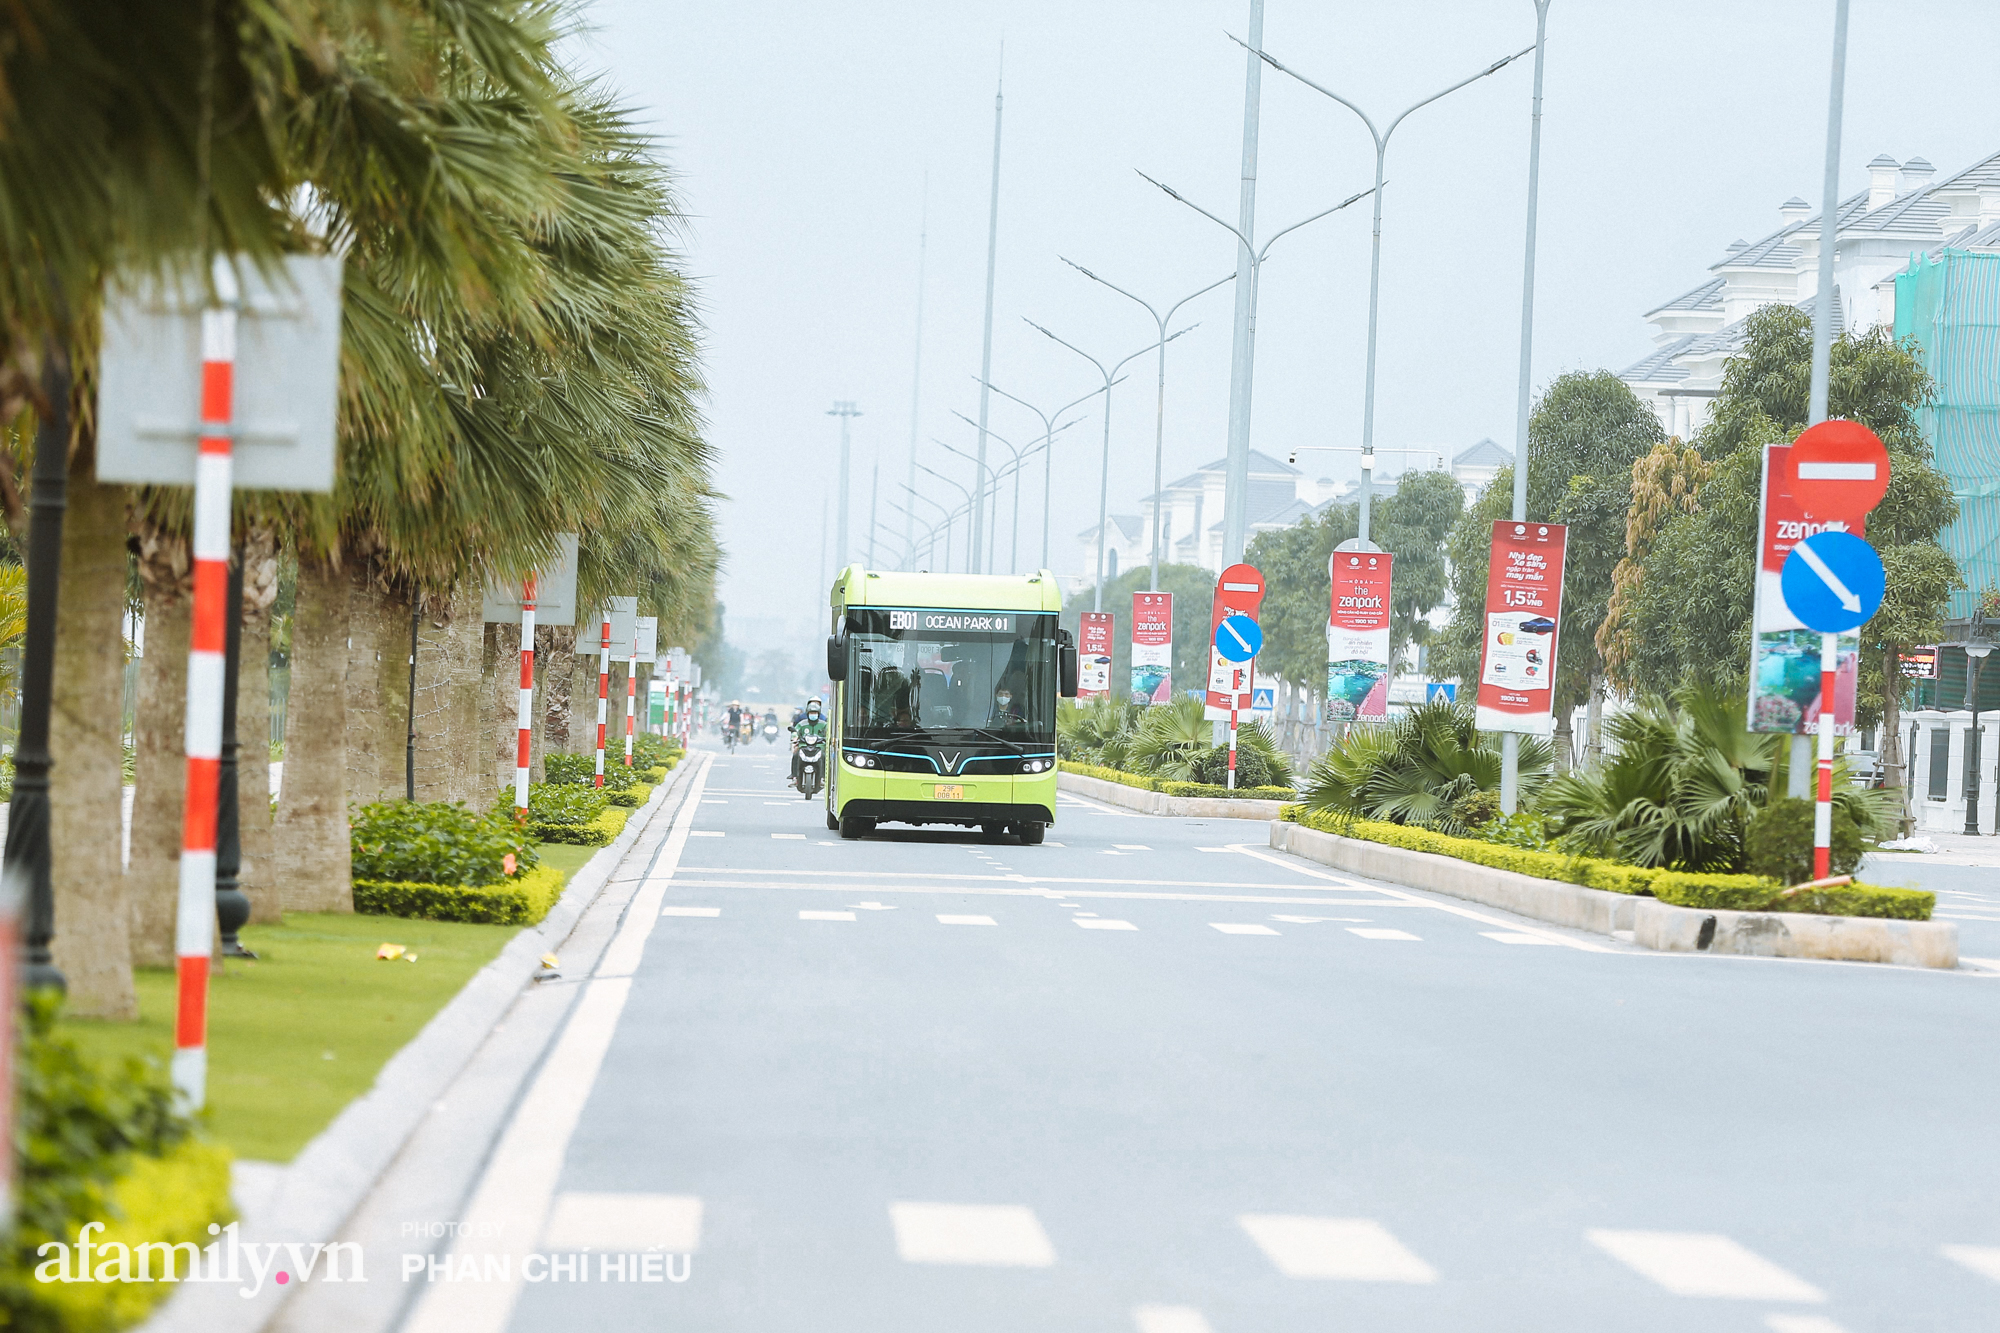 Khám phá tuyến xe buýt điện đầu tiên tại Hà Nội, sử dụng nguồn năng lượng vô tận từ năng lượng mặt trời, xe đủ thử trang bị tiện ích chẳng kém gì những chiếc xế hộp xịn xò - Ảnh 10.